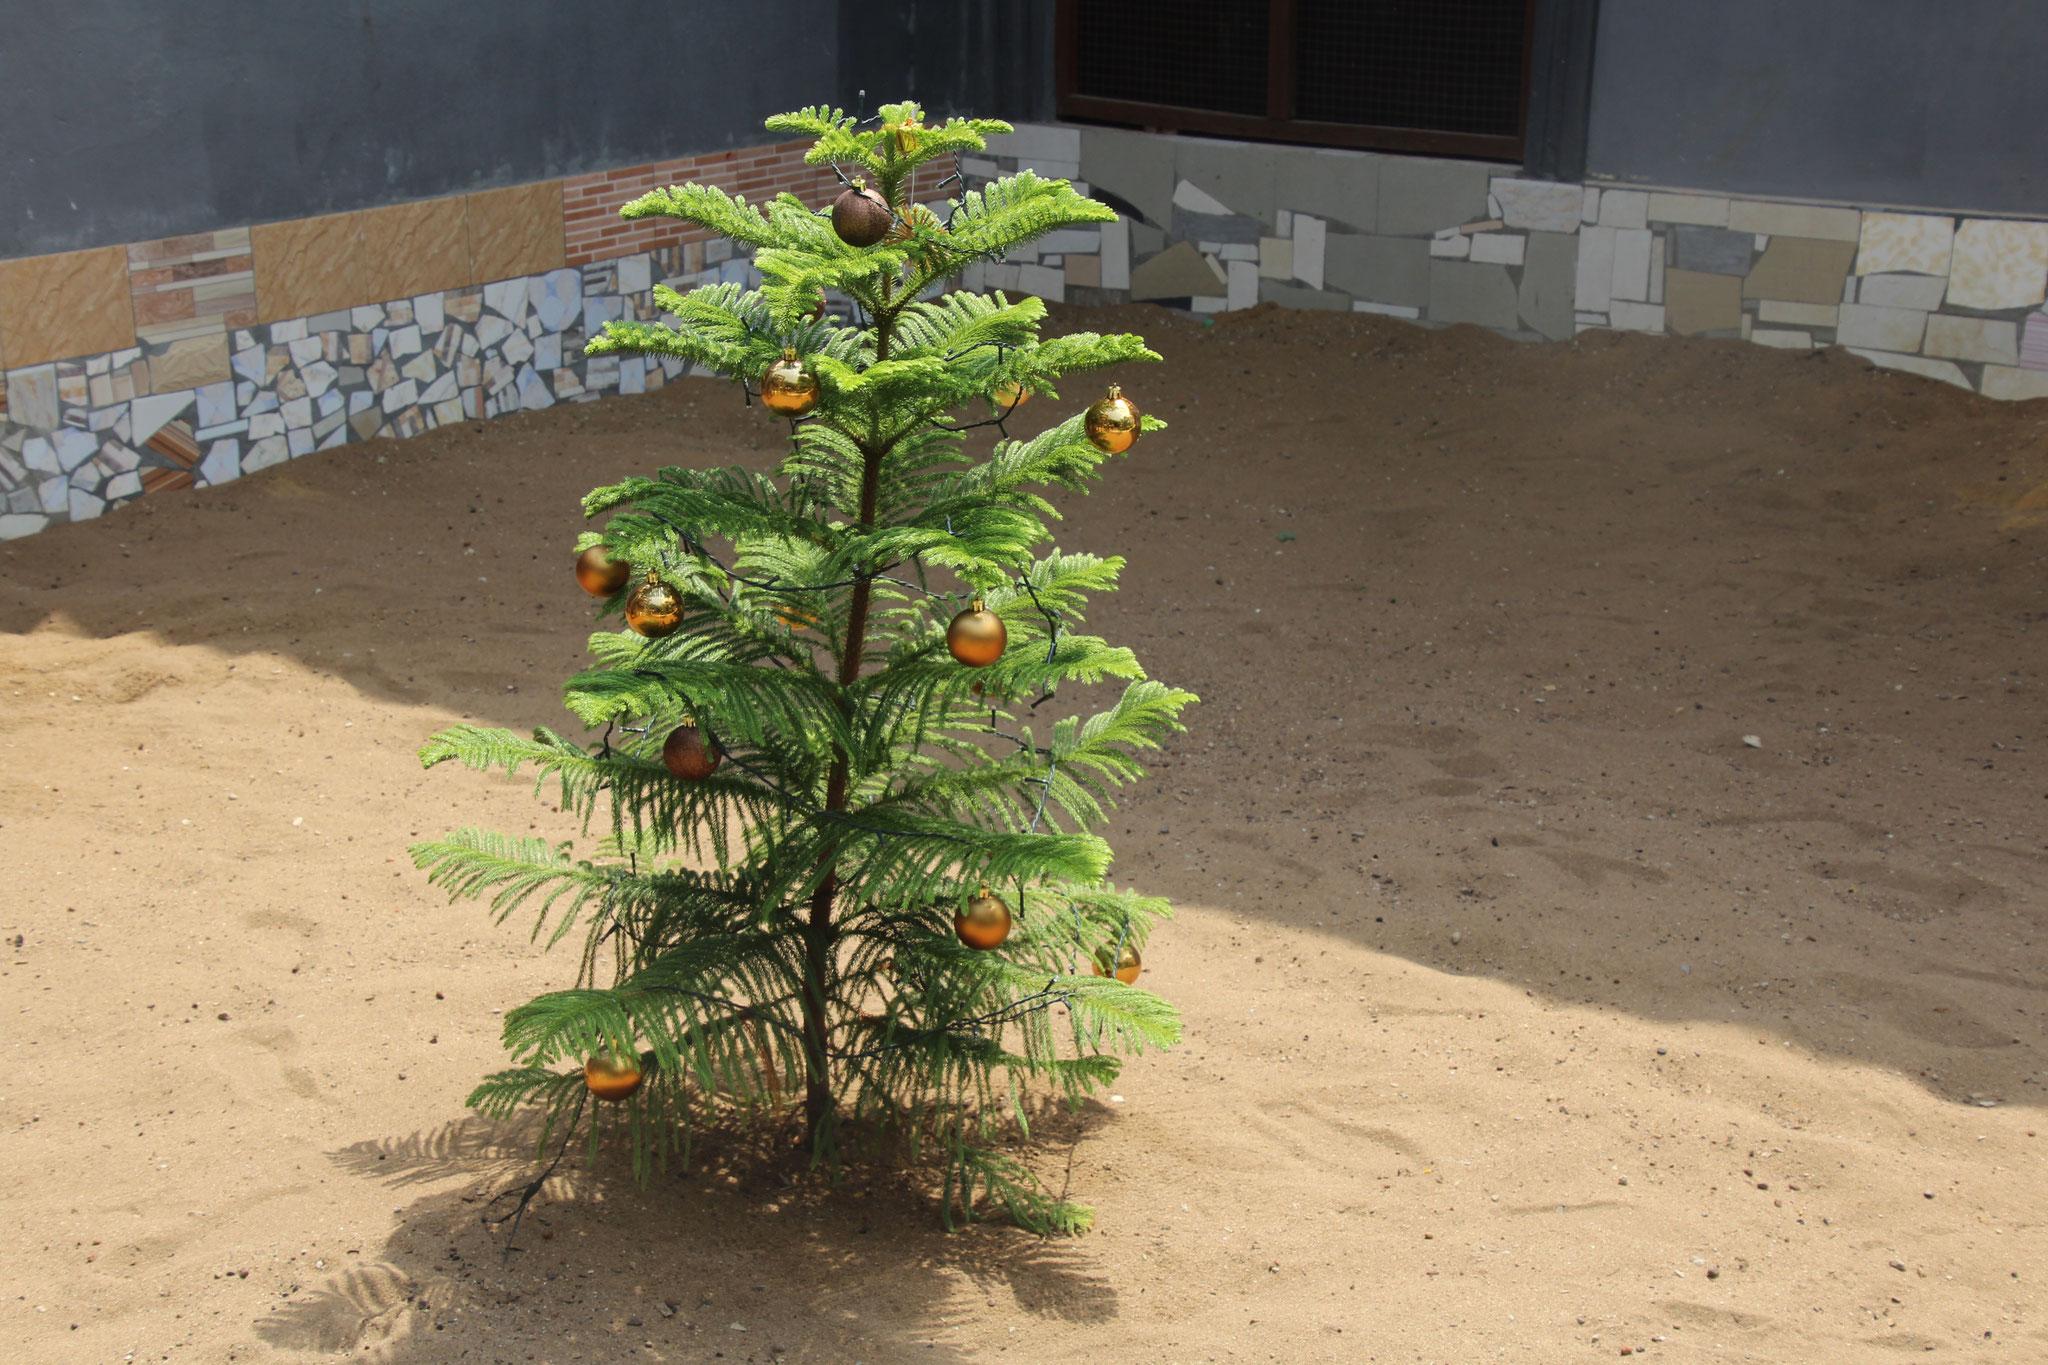 Unser echter Weihnachtsbaum in unserem Garten.